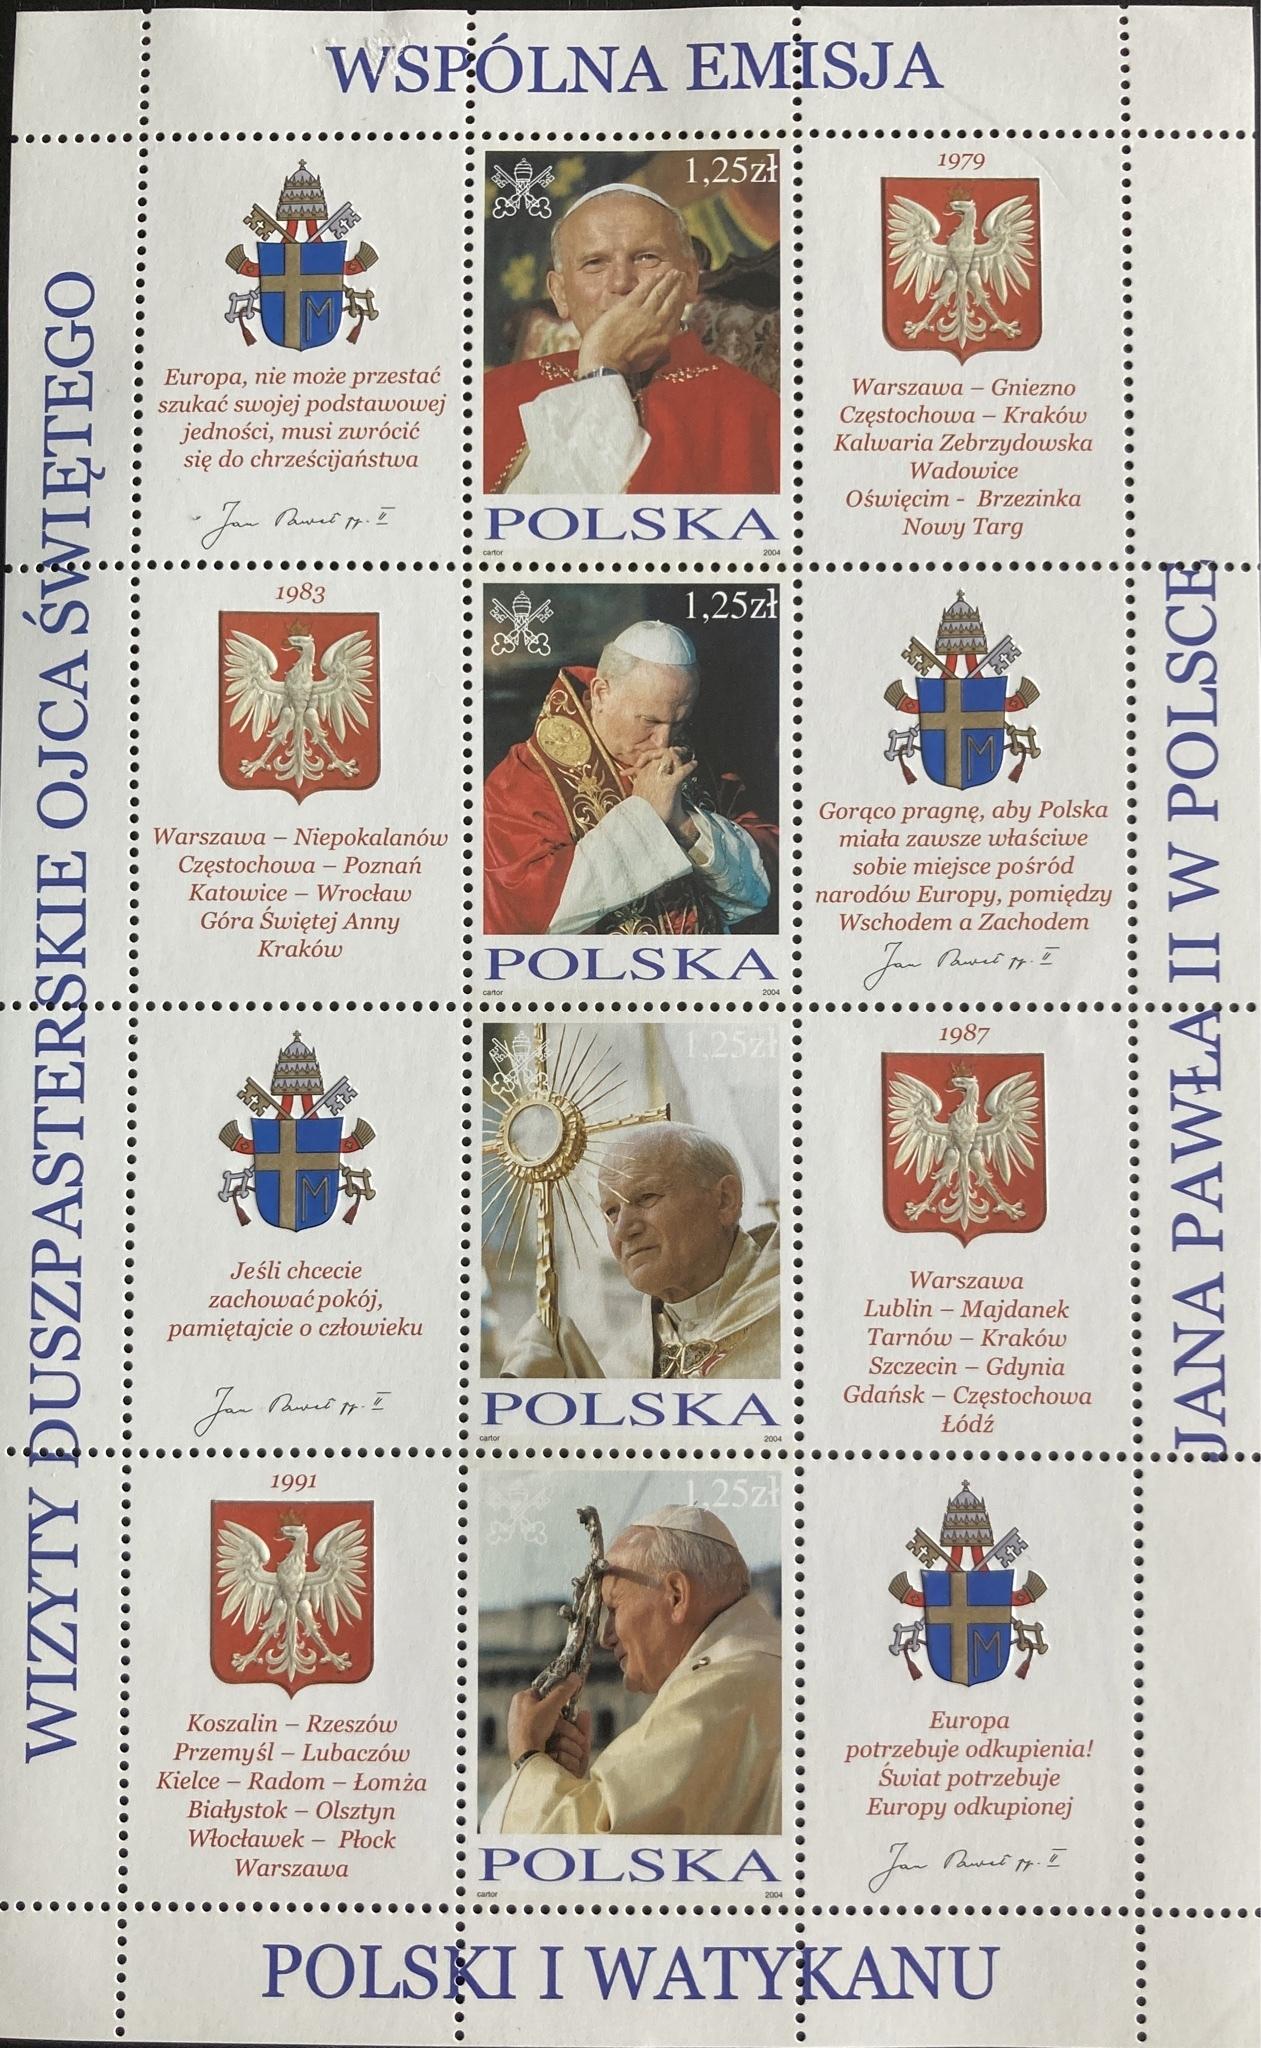 Wizyty duszpasterskie Ojca Świętego Jana Pawła II